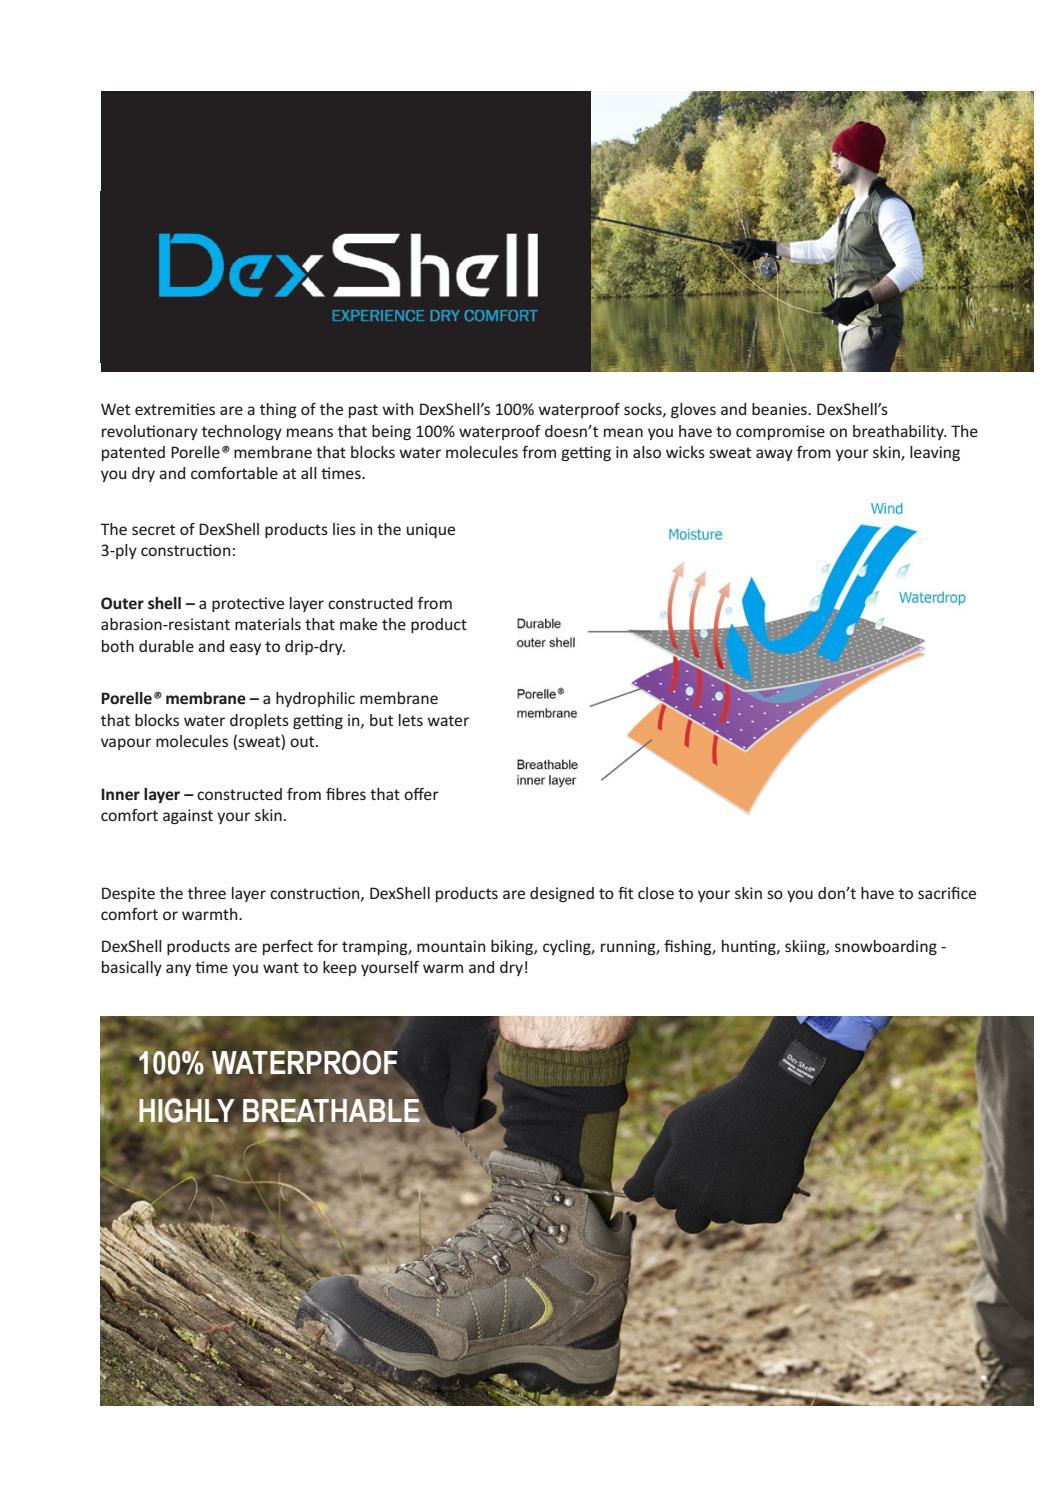 DexShell Ultralite Biking Waterproof Ankle Length Socks